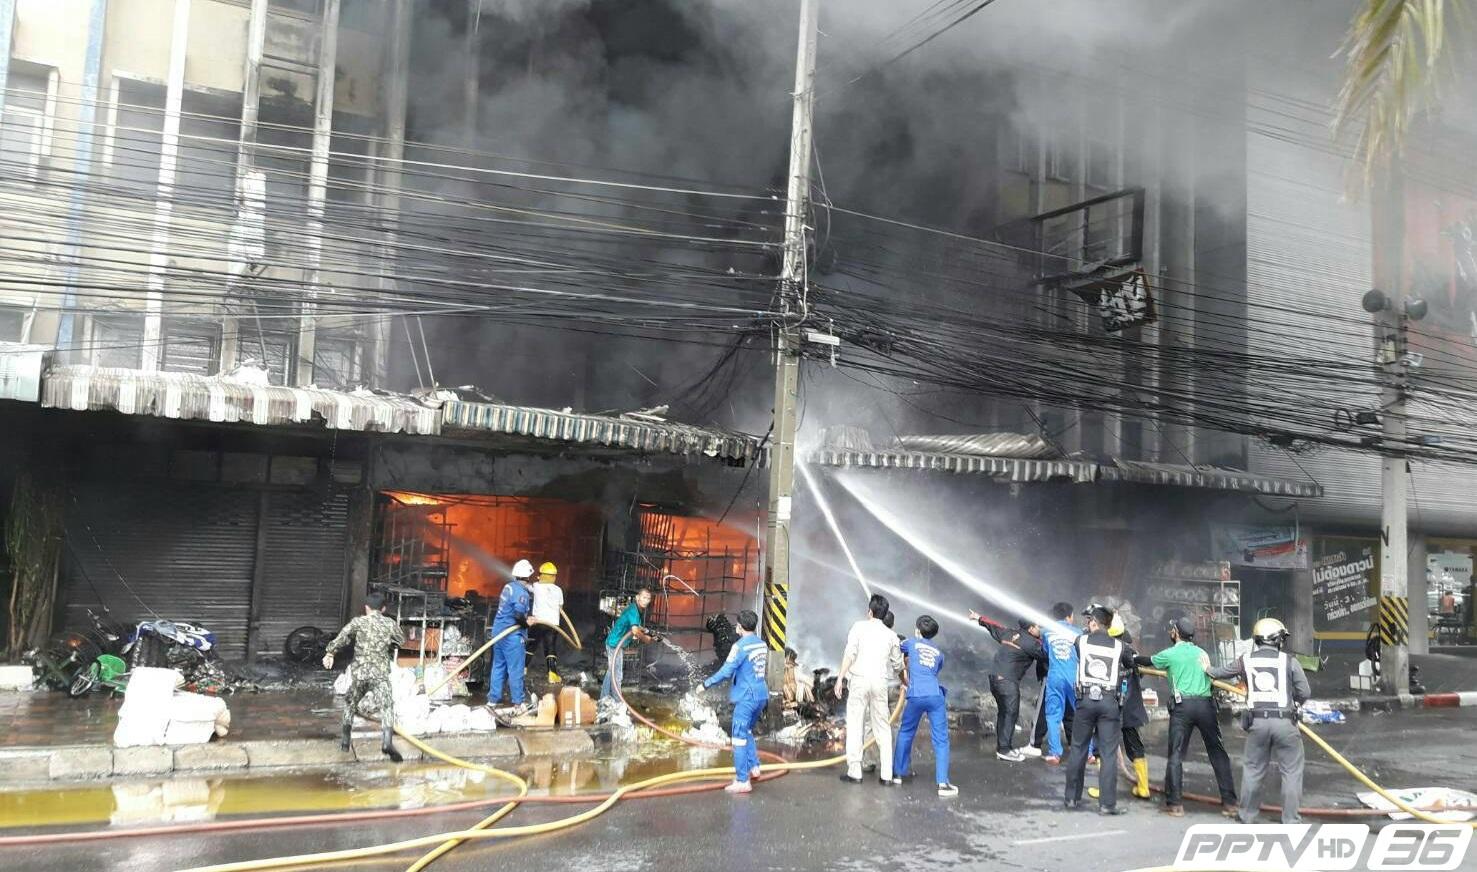 ไฟไหม้ร้านจำหน่ายพลาสติก จ.ราชบุรี เสียชีวิต 1 คน